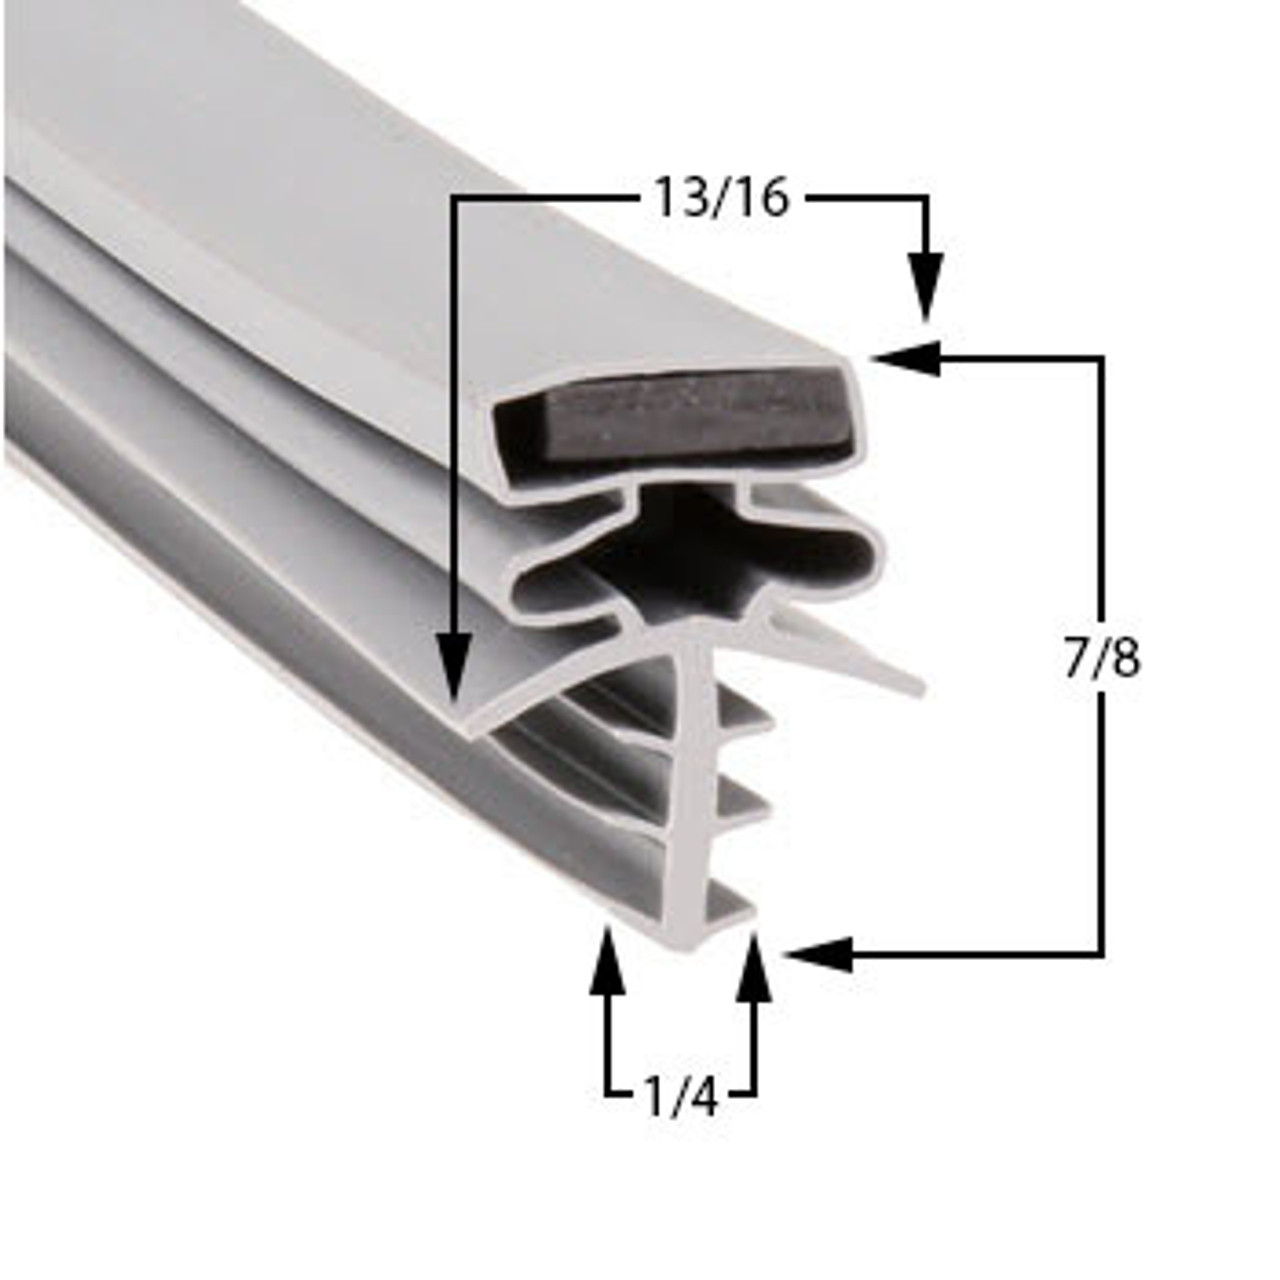 Bally Door Gasket Profile 301 25 1/2 x 77 1/2